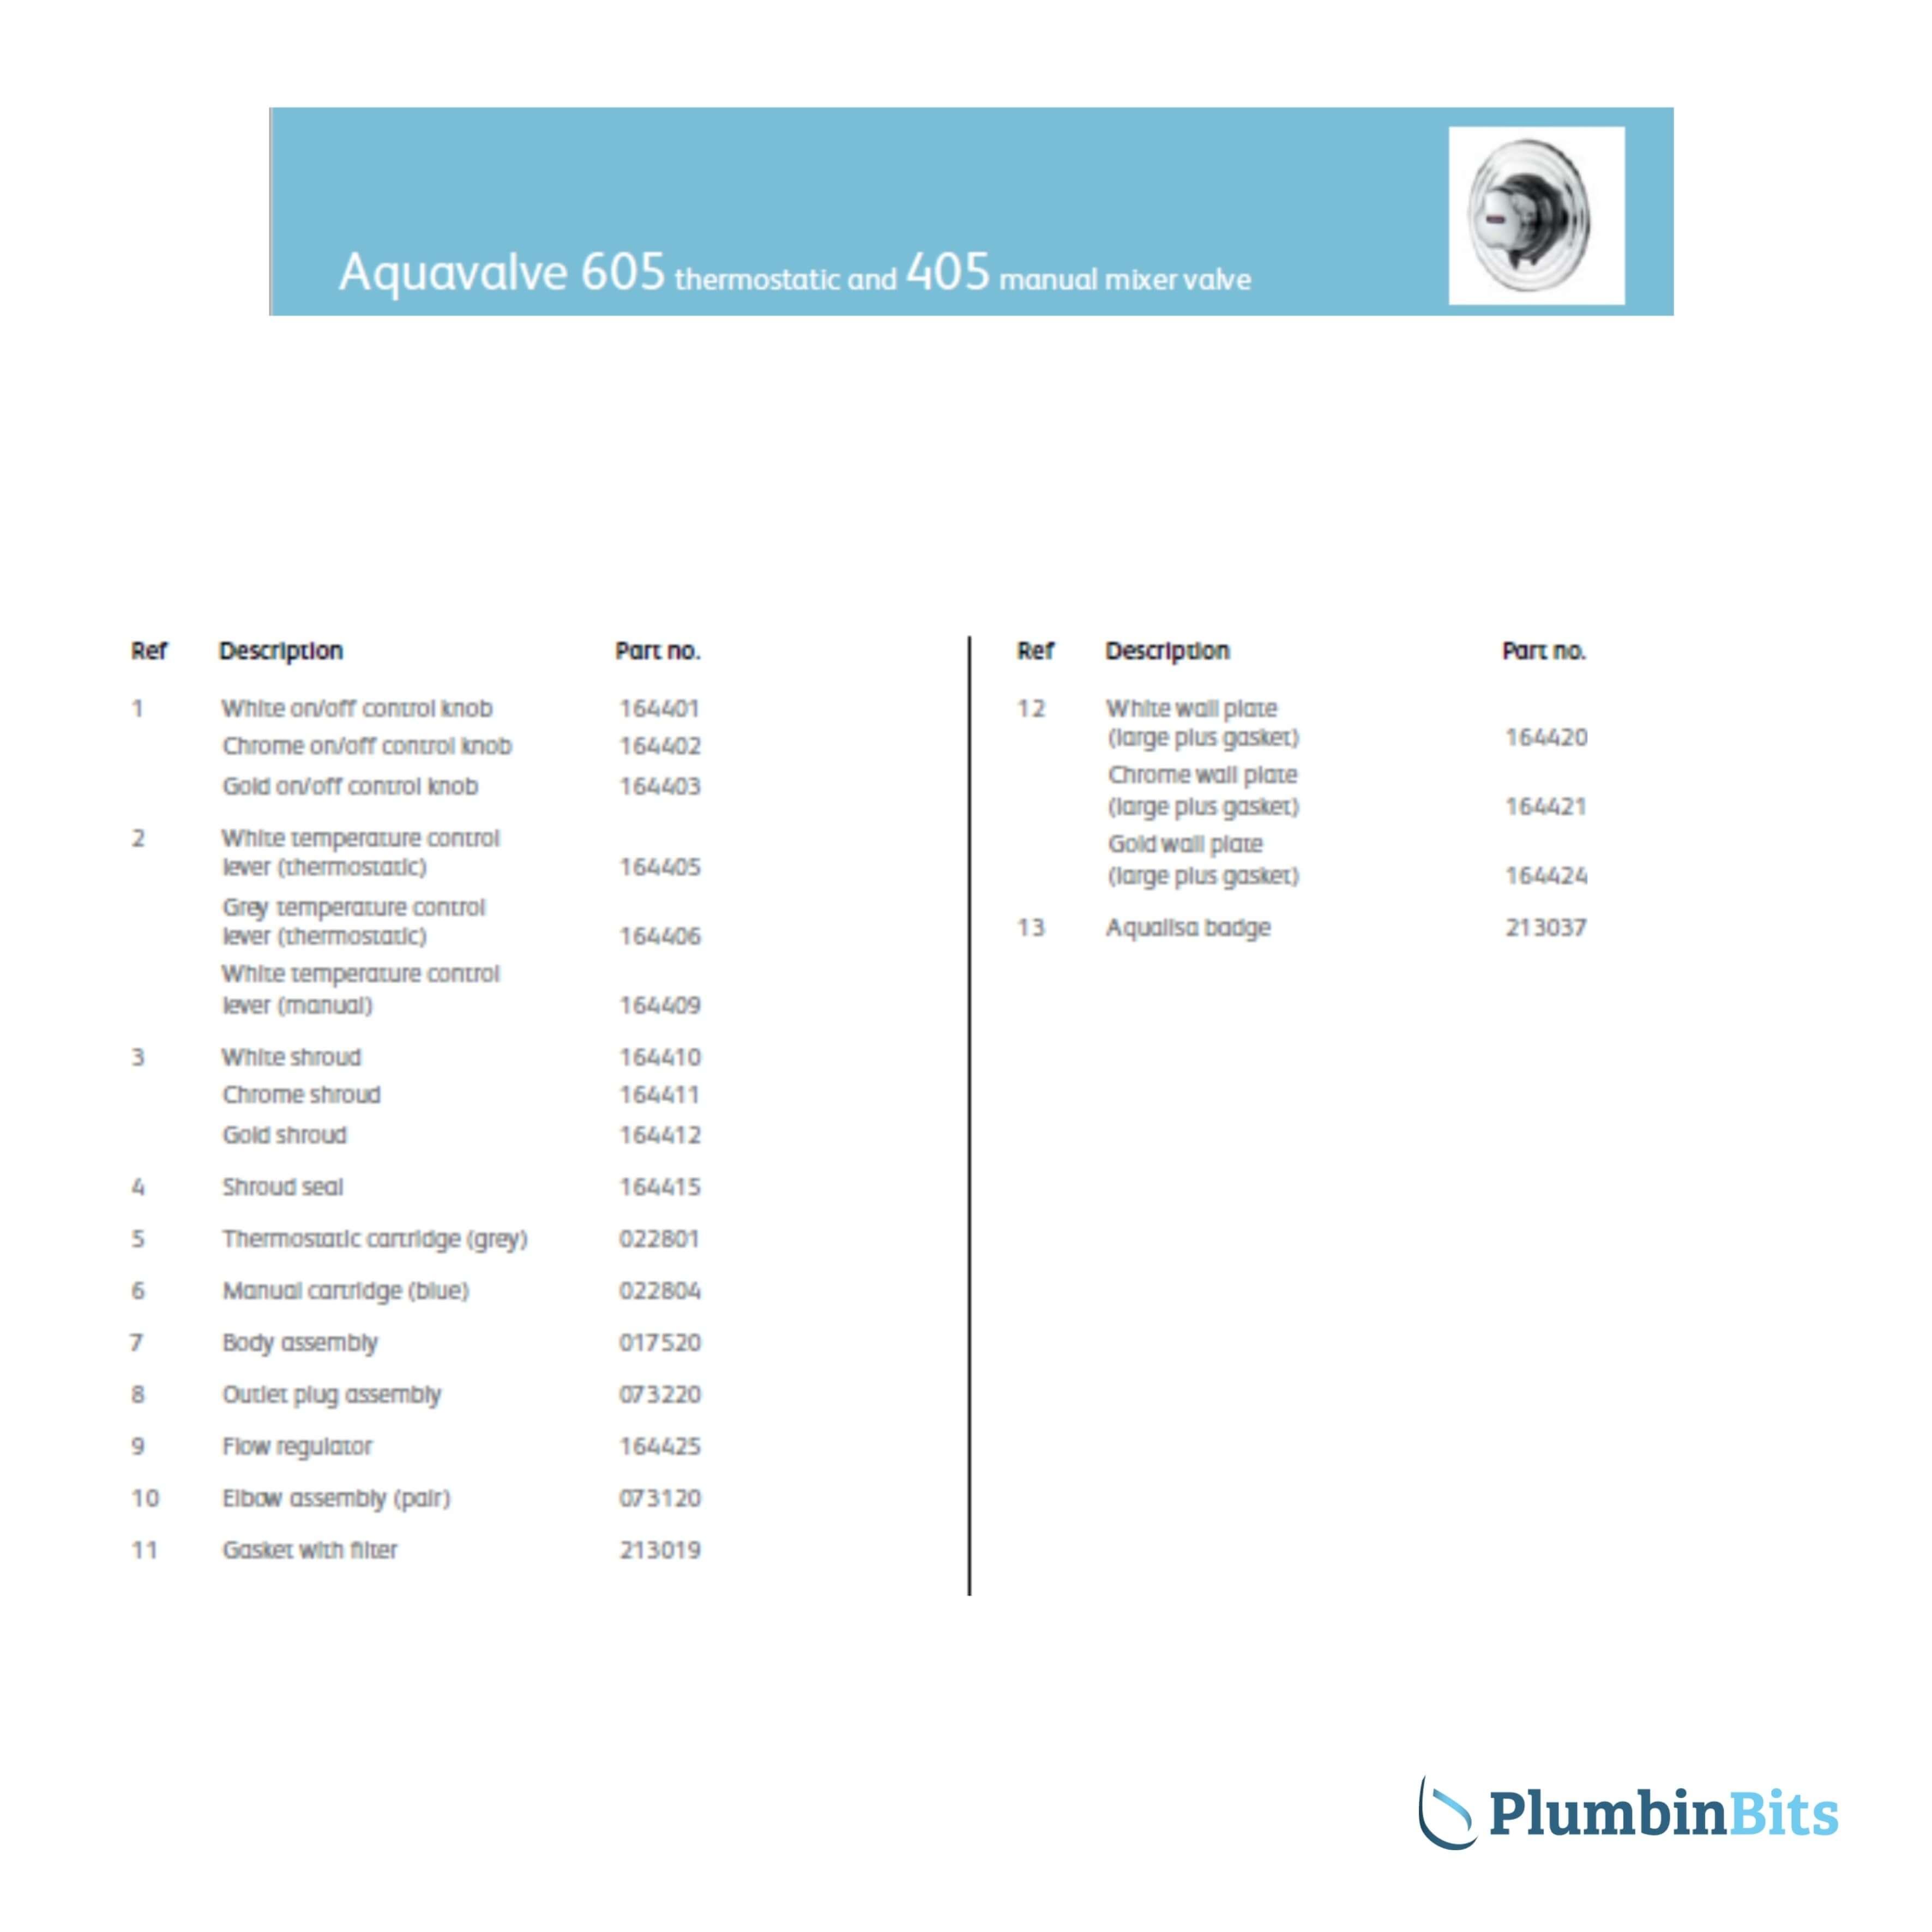 Aqualisa 605 Parts